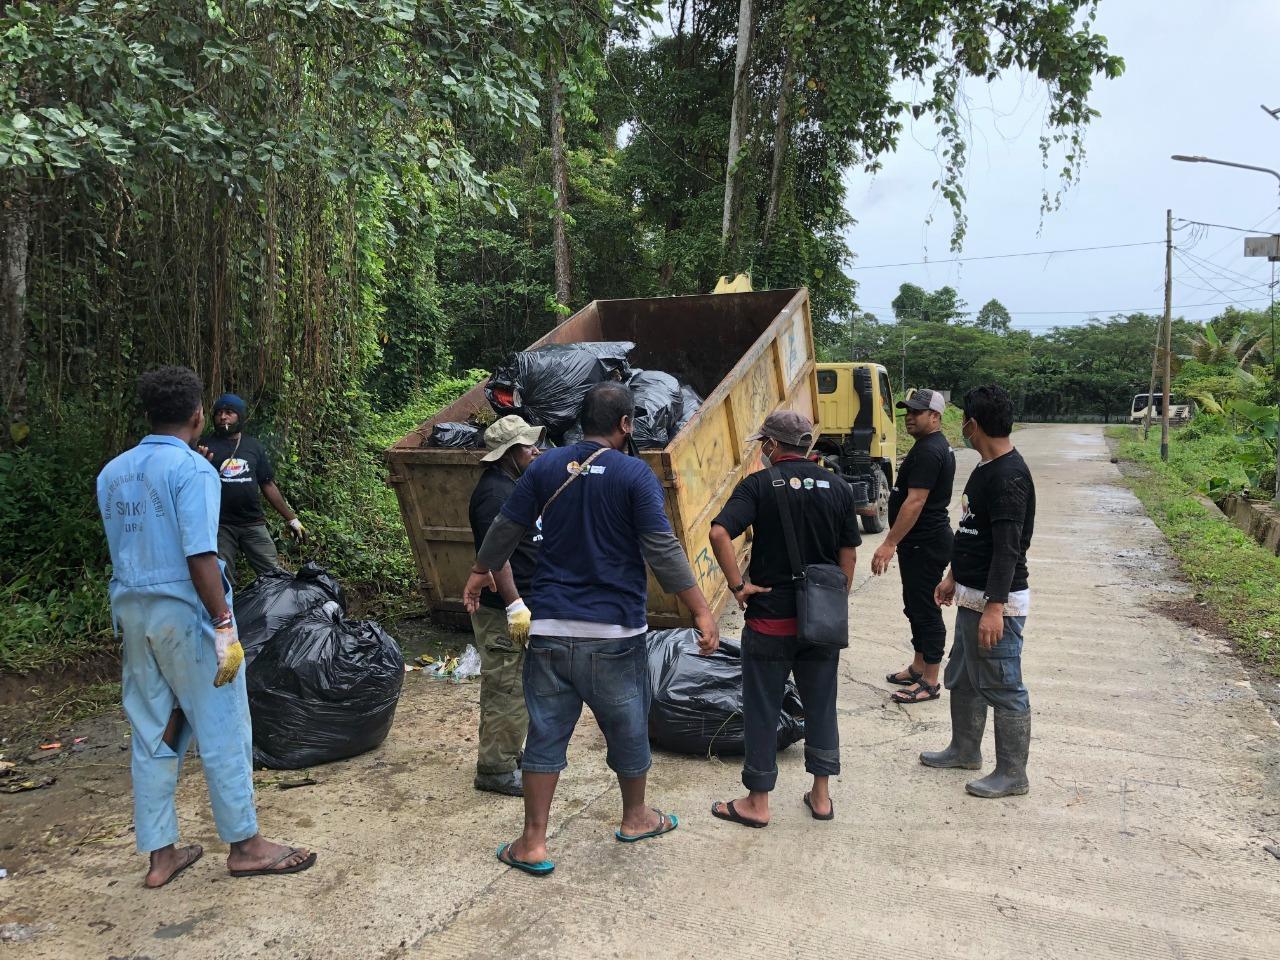 BBKSDA PB Bersama Mitra Bersihkan Taman Wisata Alam Sorong, 90 Karung Sampah Dikumpulkan 3 IMG 20210918 WA0060